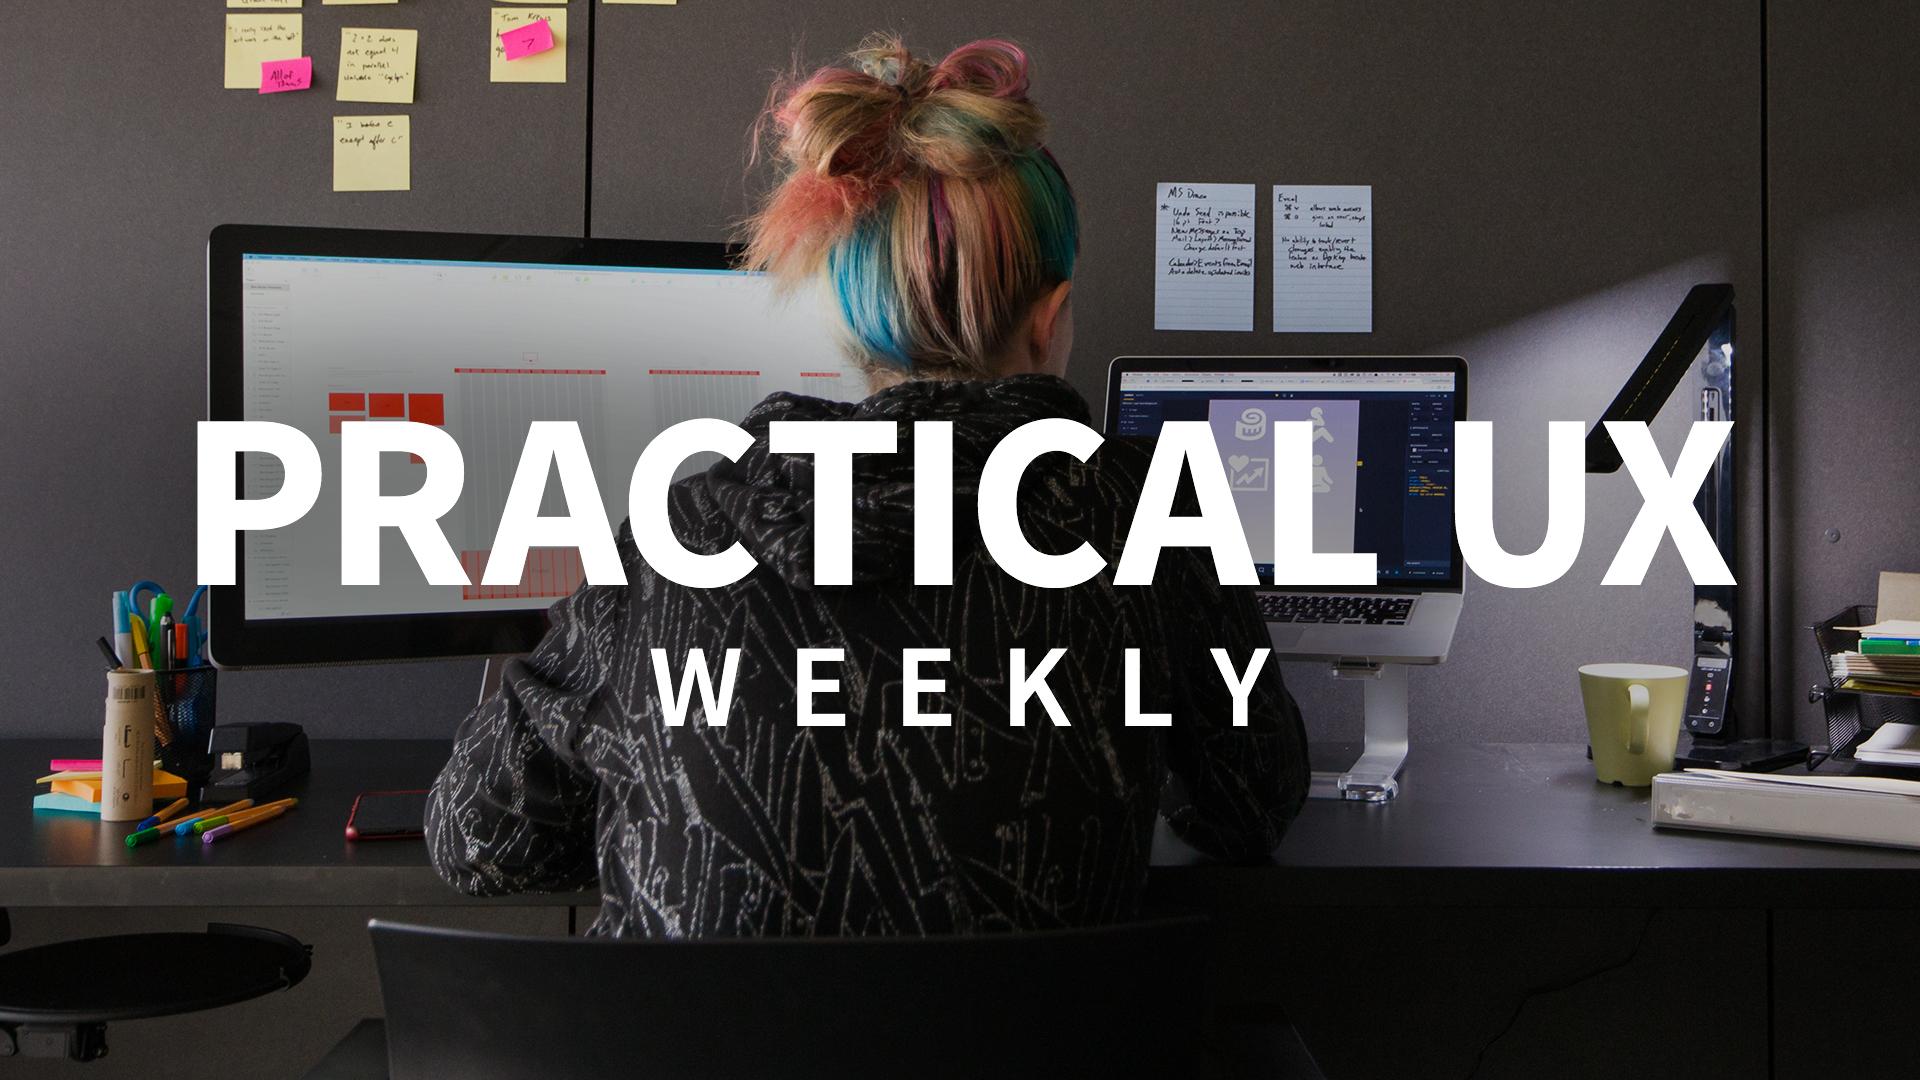 Practical ux weekly